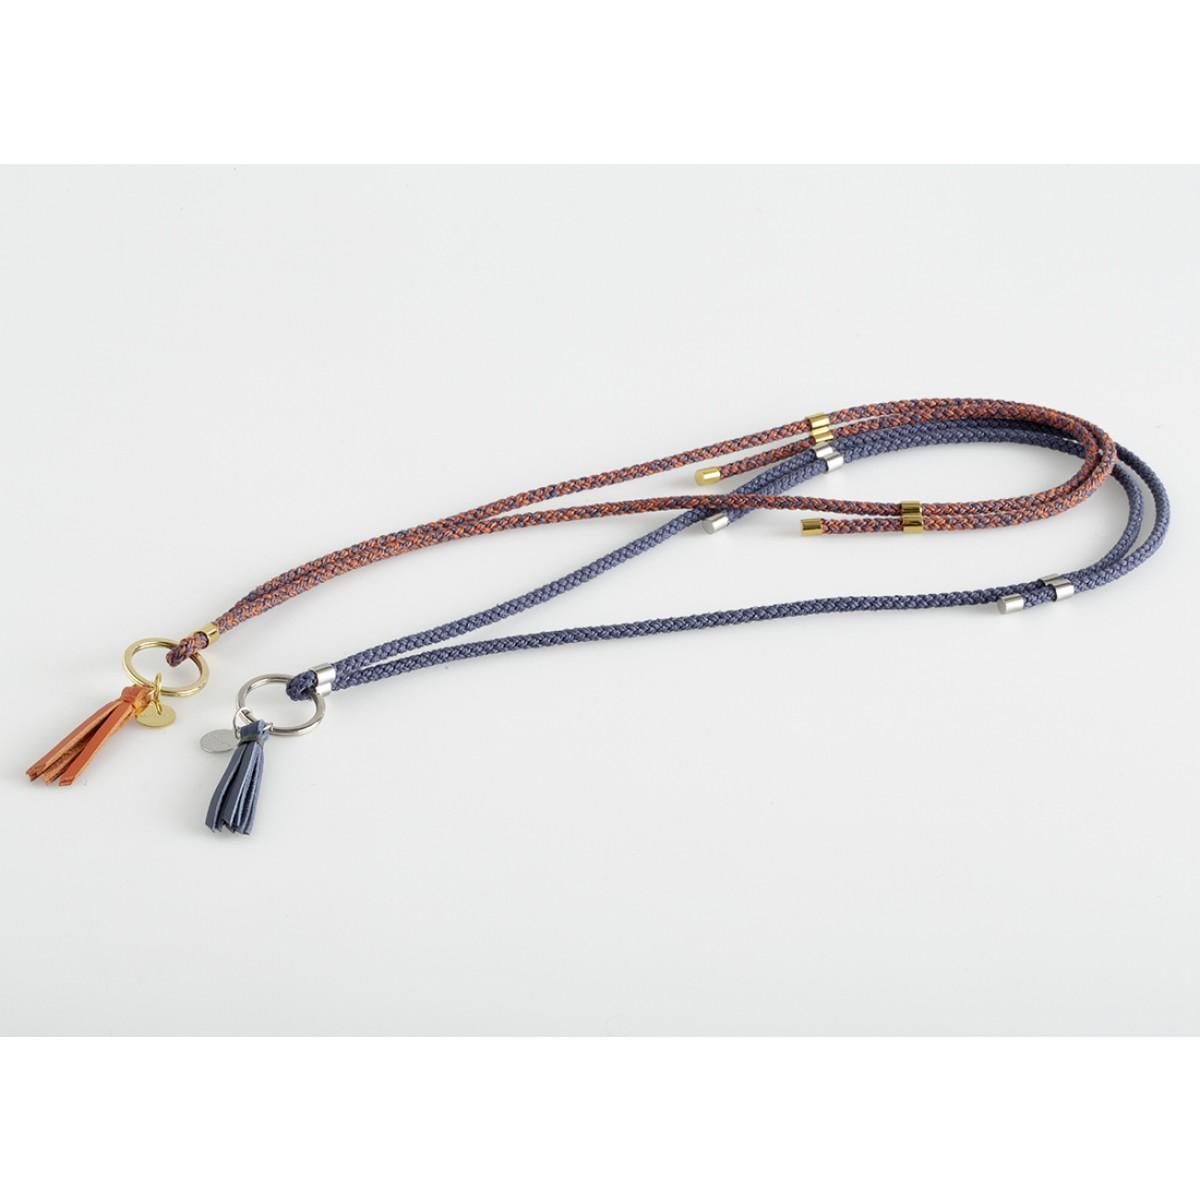 Schlüsselanhänger zum umhängen mit Lederquaste – Mélange, hellgrau/mandarin